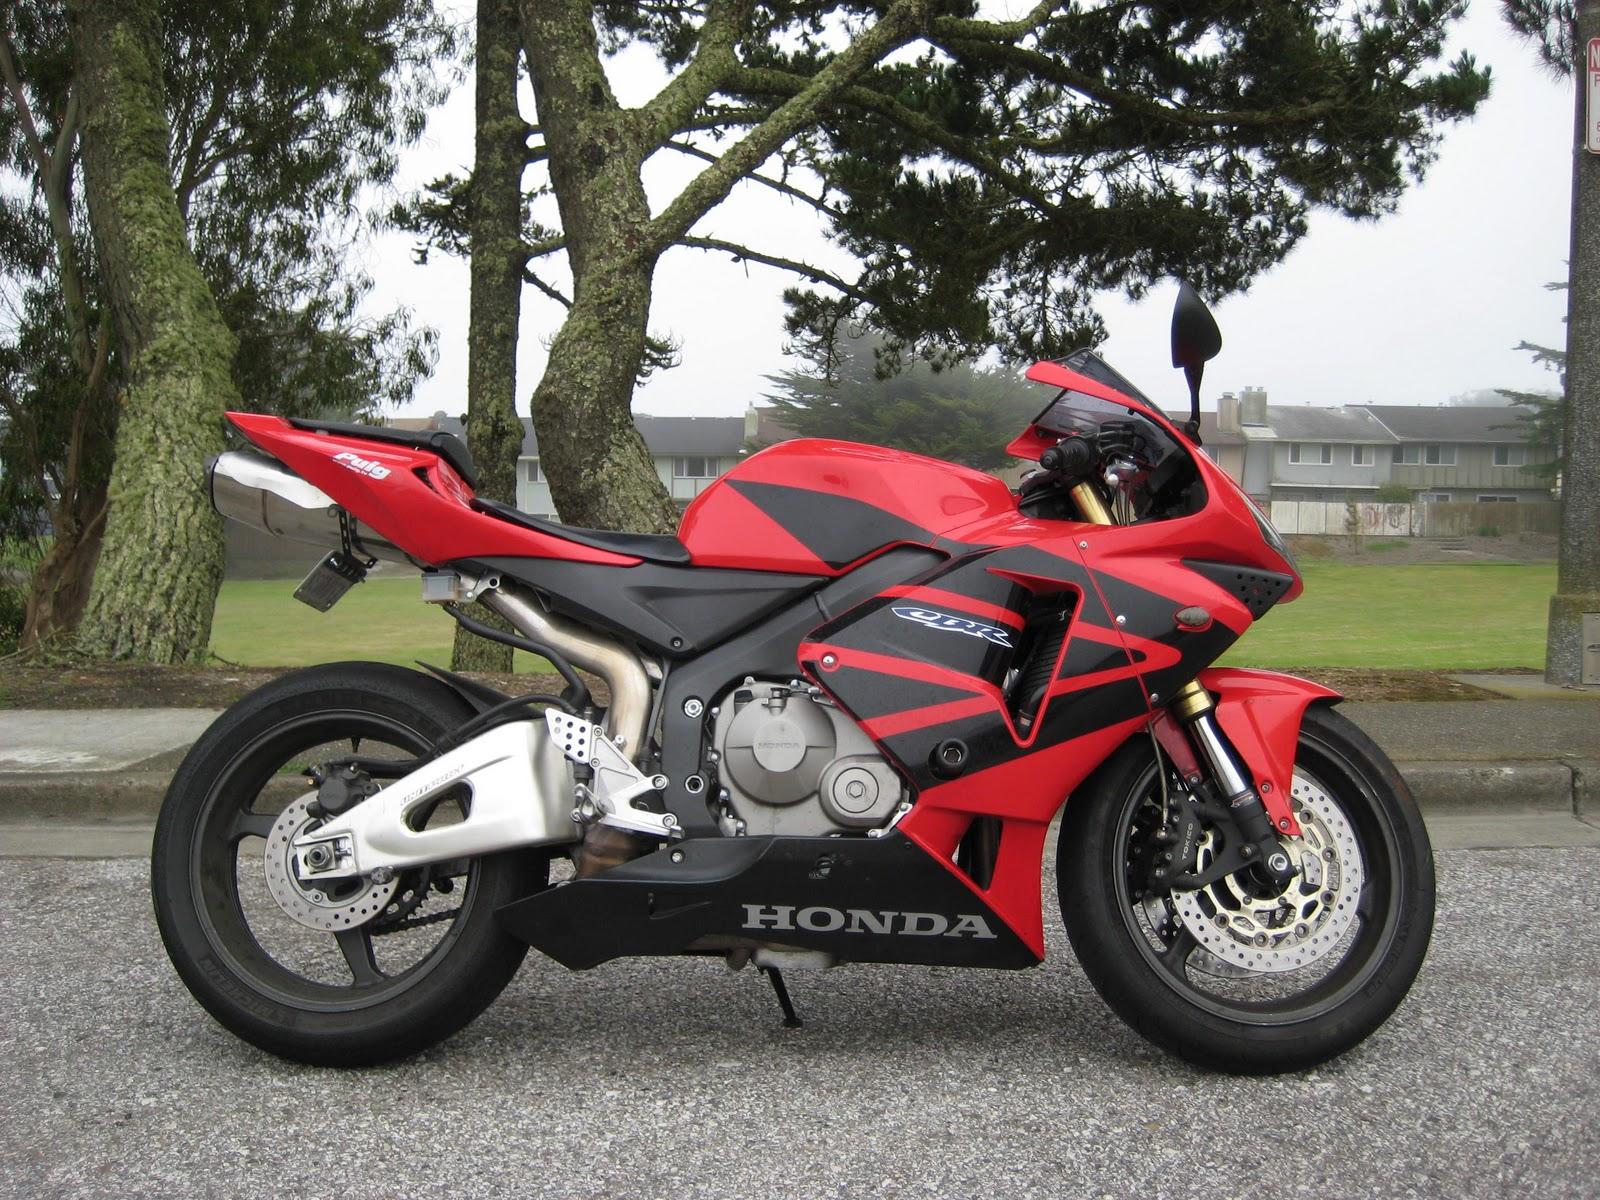 monsterbiker01 2005 honda cbr600rr. Black Bedroom Furniture Sets. Home Design Ideas